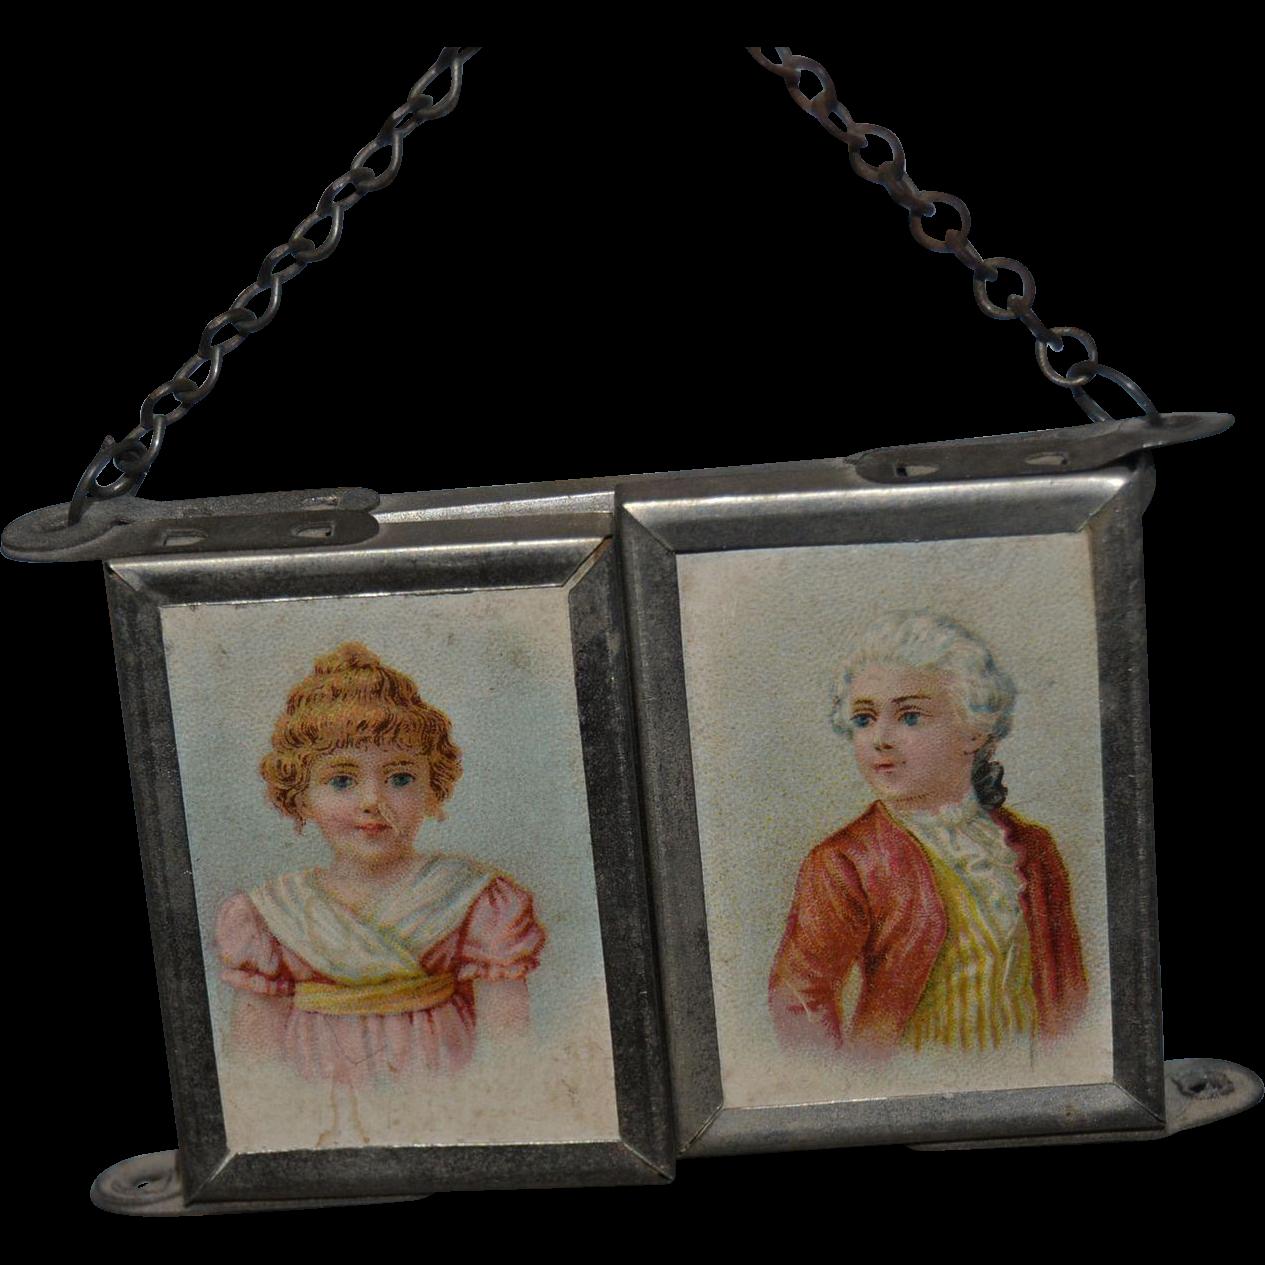 Small portable triptych mirror circa 1880/1900